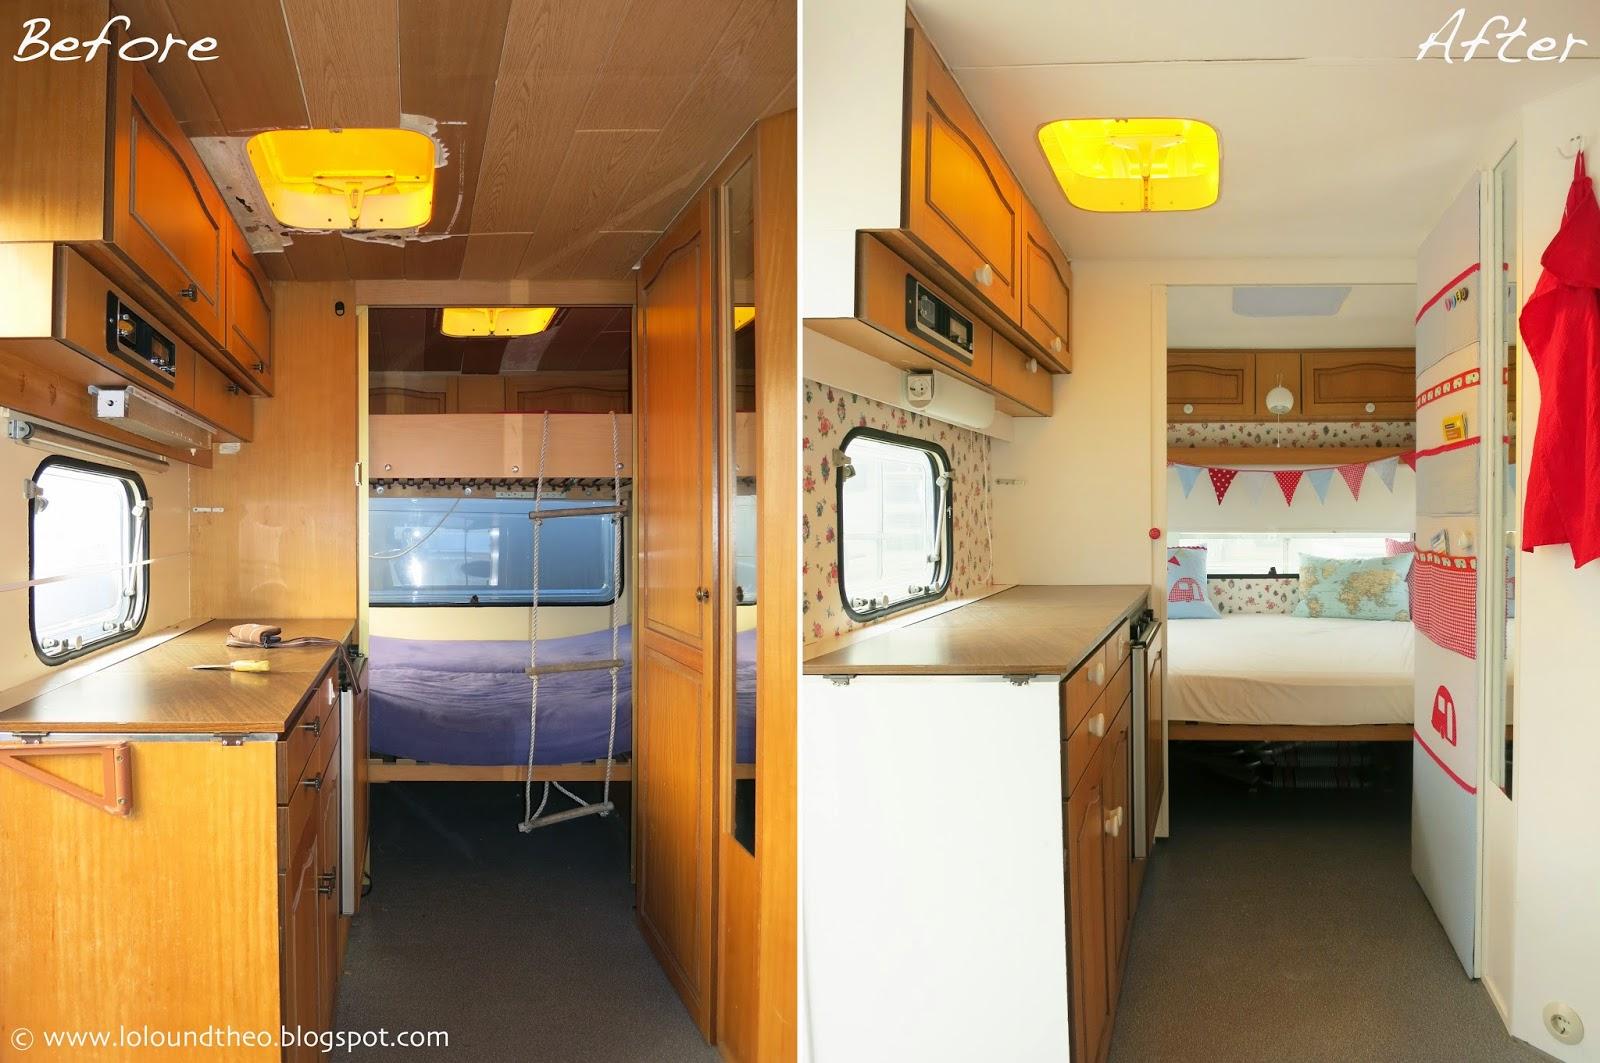 Etagenbett Selber Bauen Wohnwagen : Wohnwagen küche selber bauen t5 ausbau diy von lybstes de